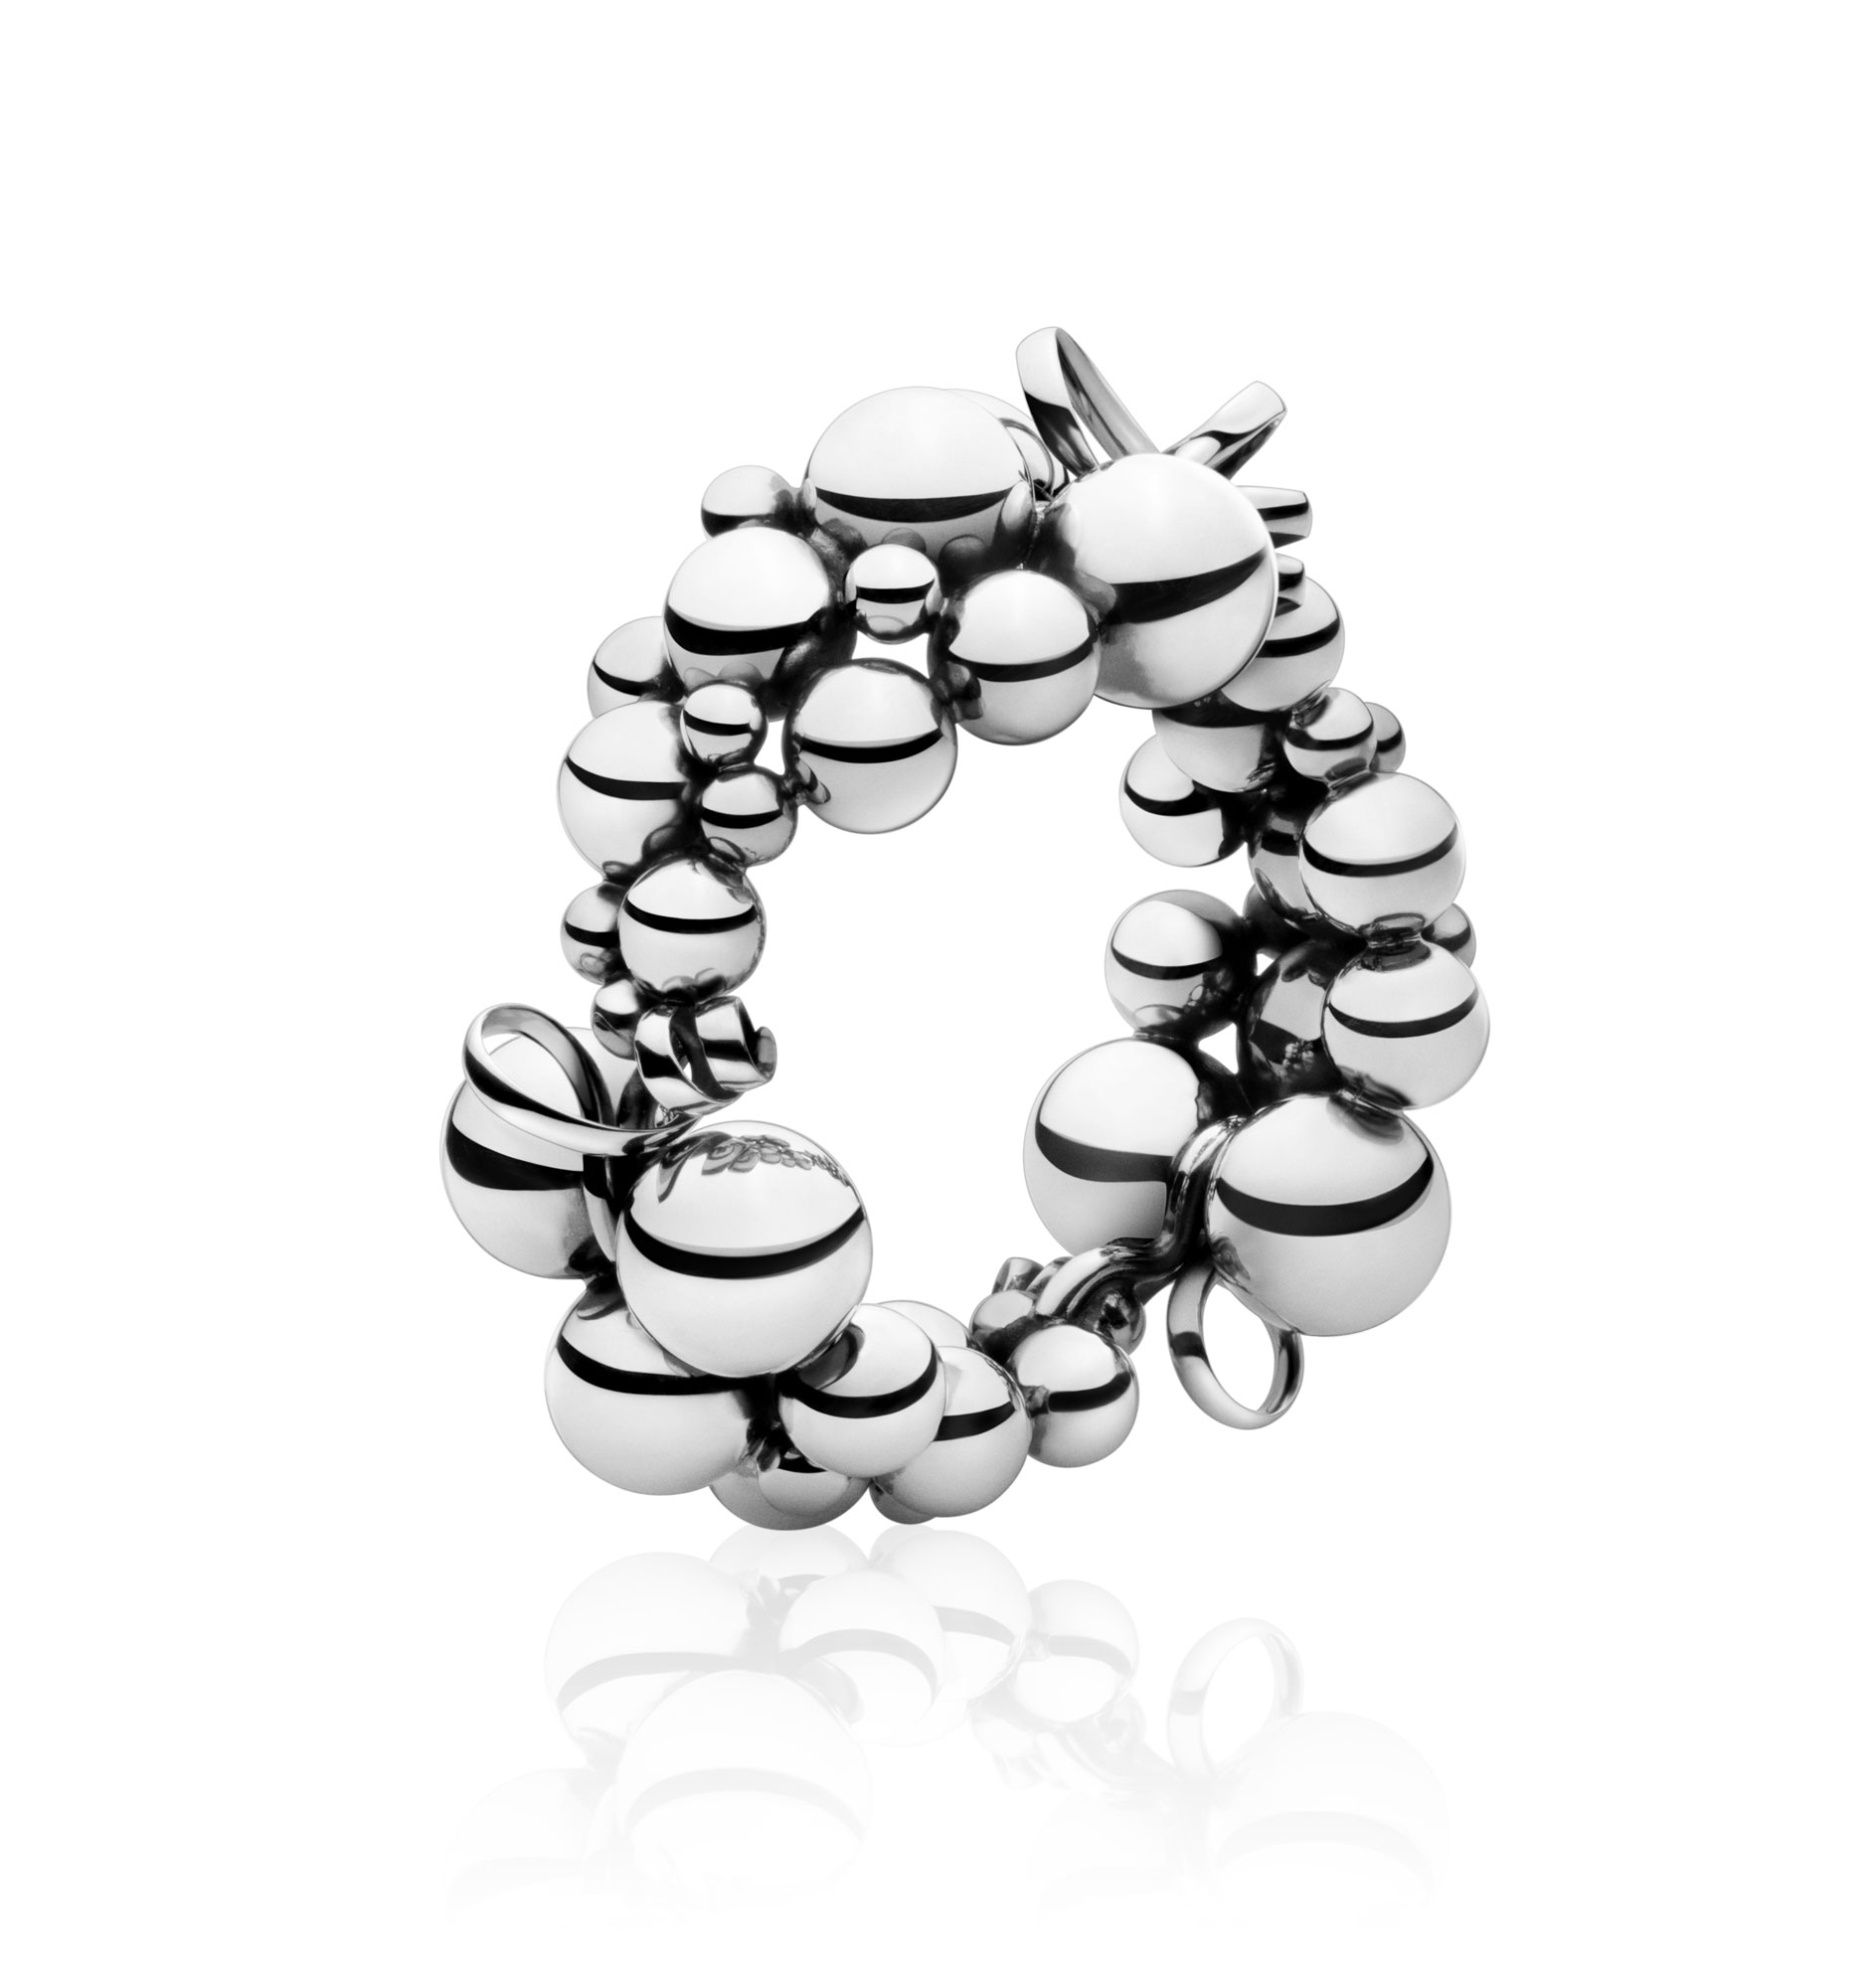 Georg Jensen Moonlight Grapes armbånd - 3530269 Sølv M/L